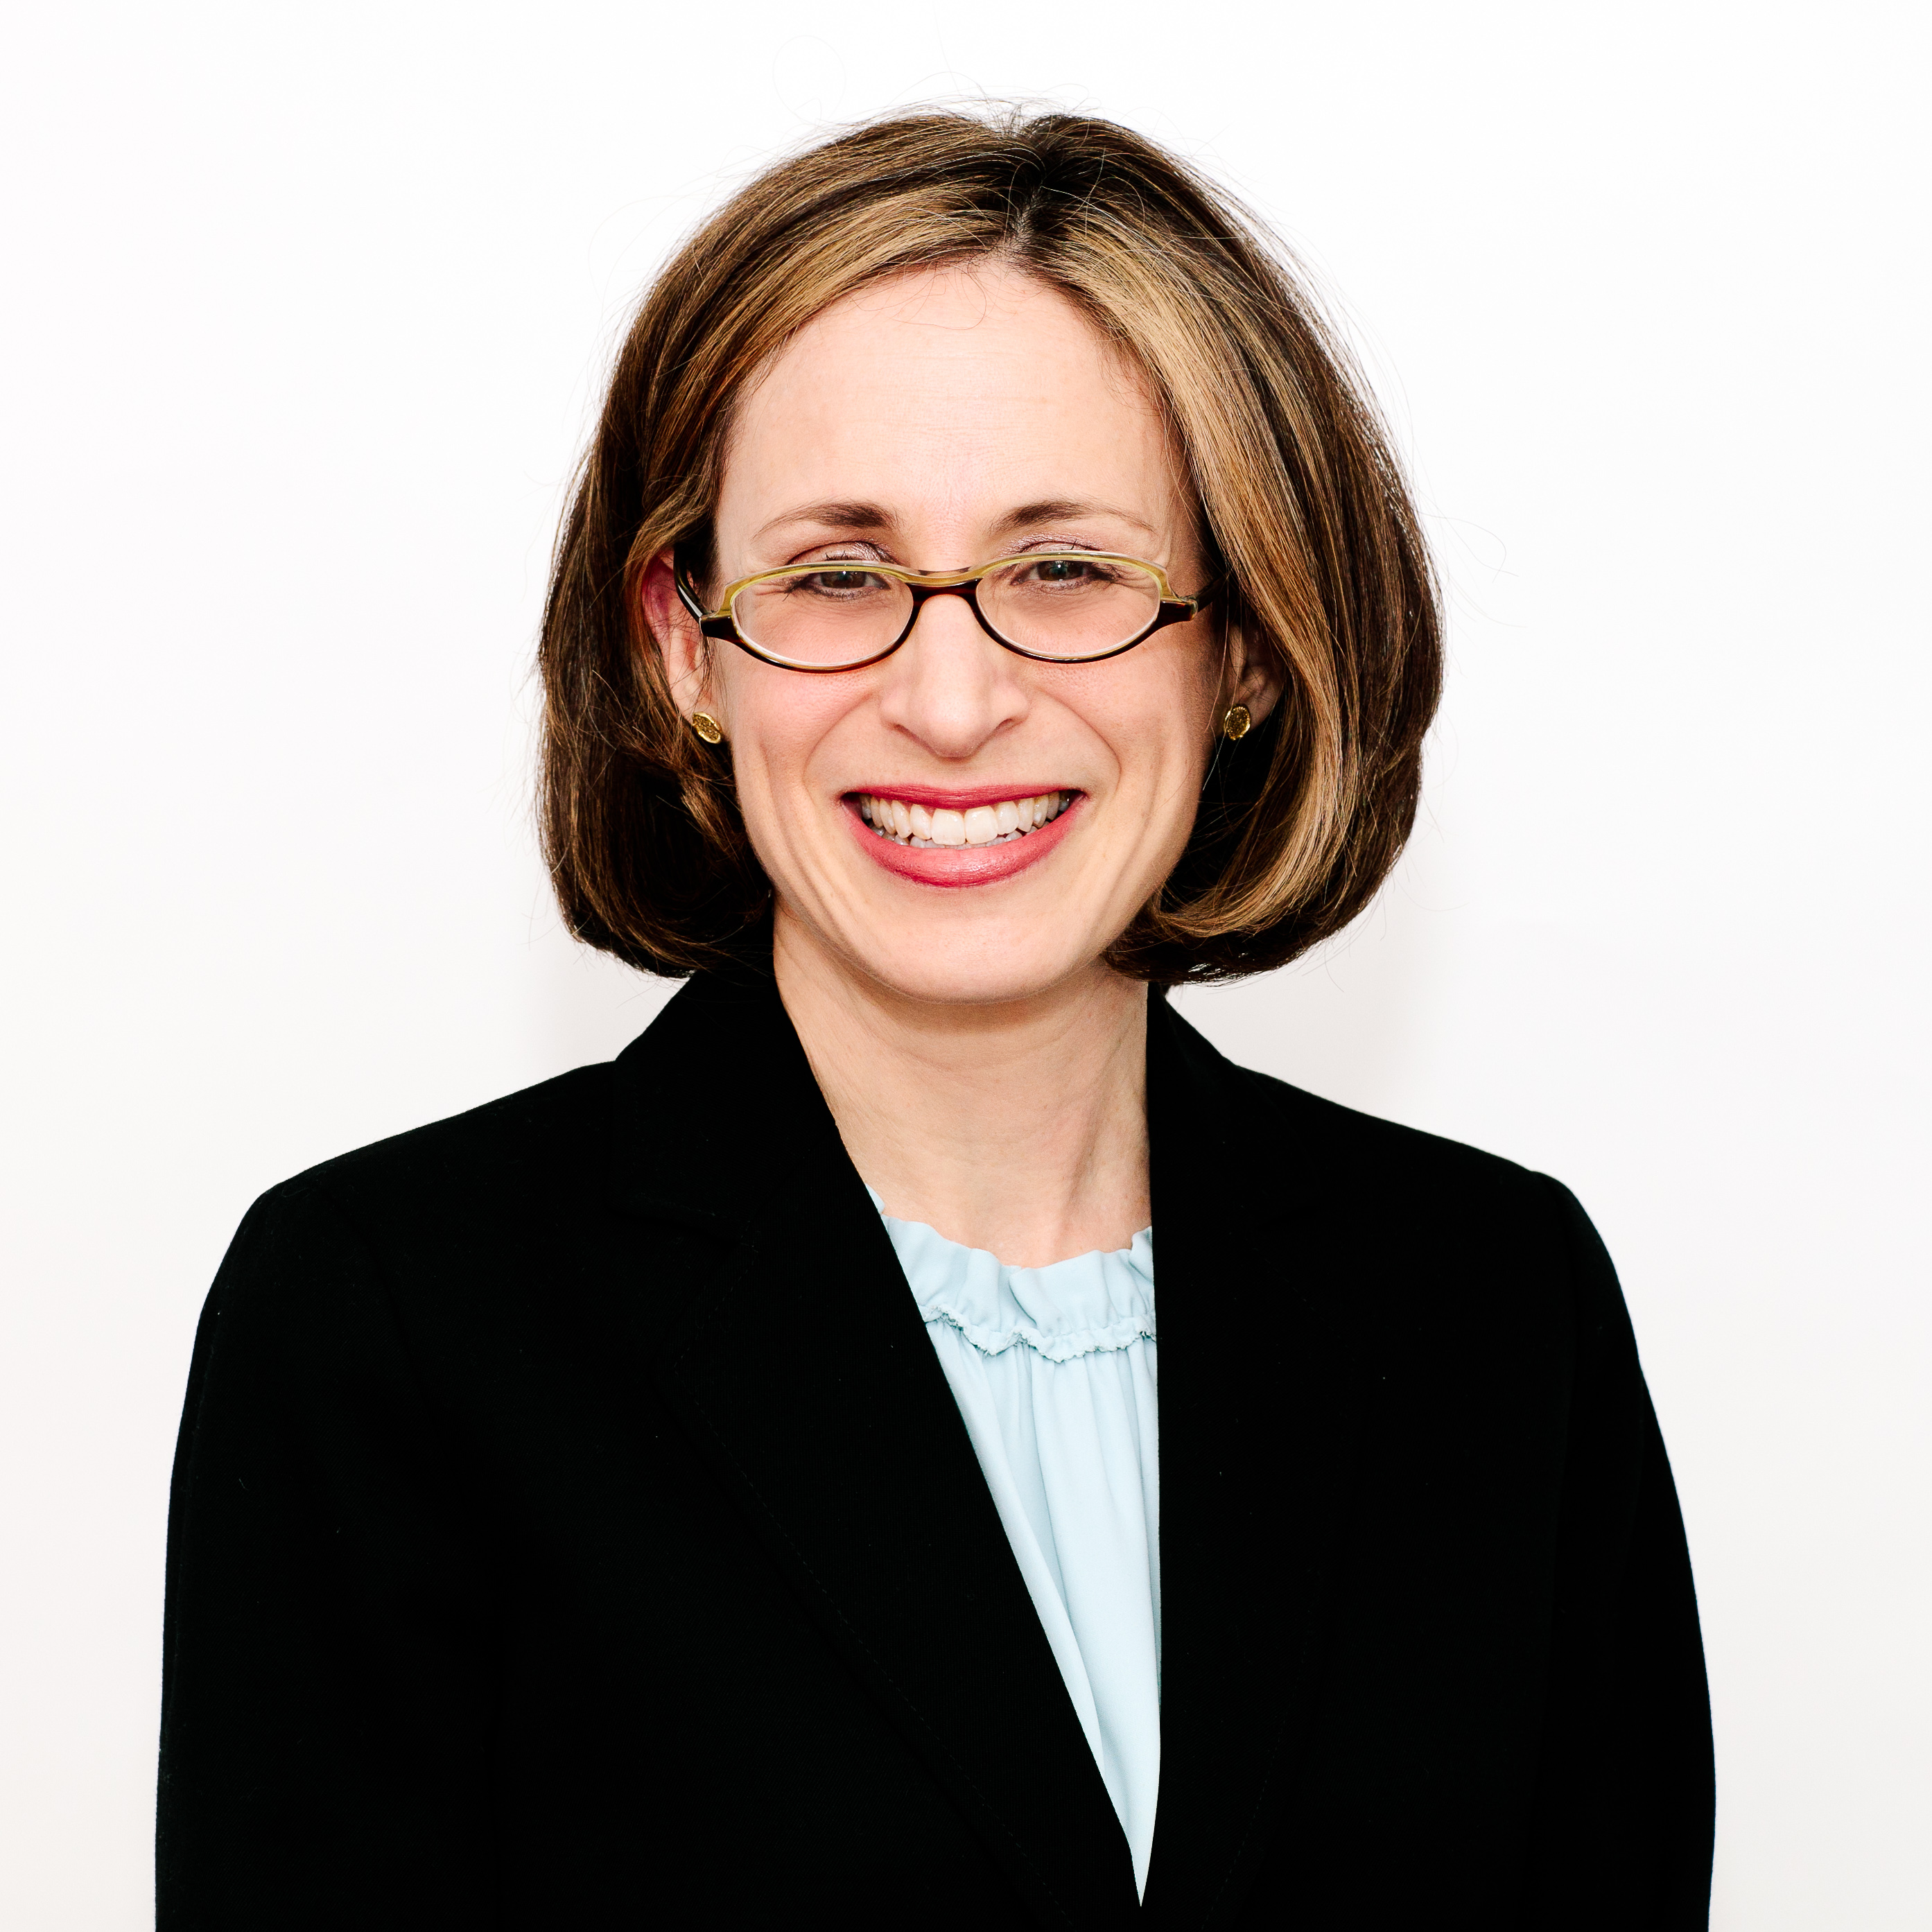 Rachel Loeffler